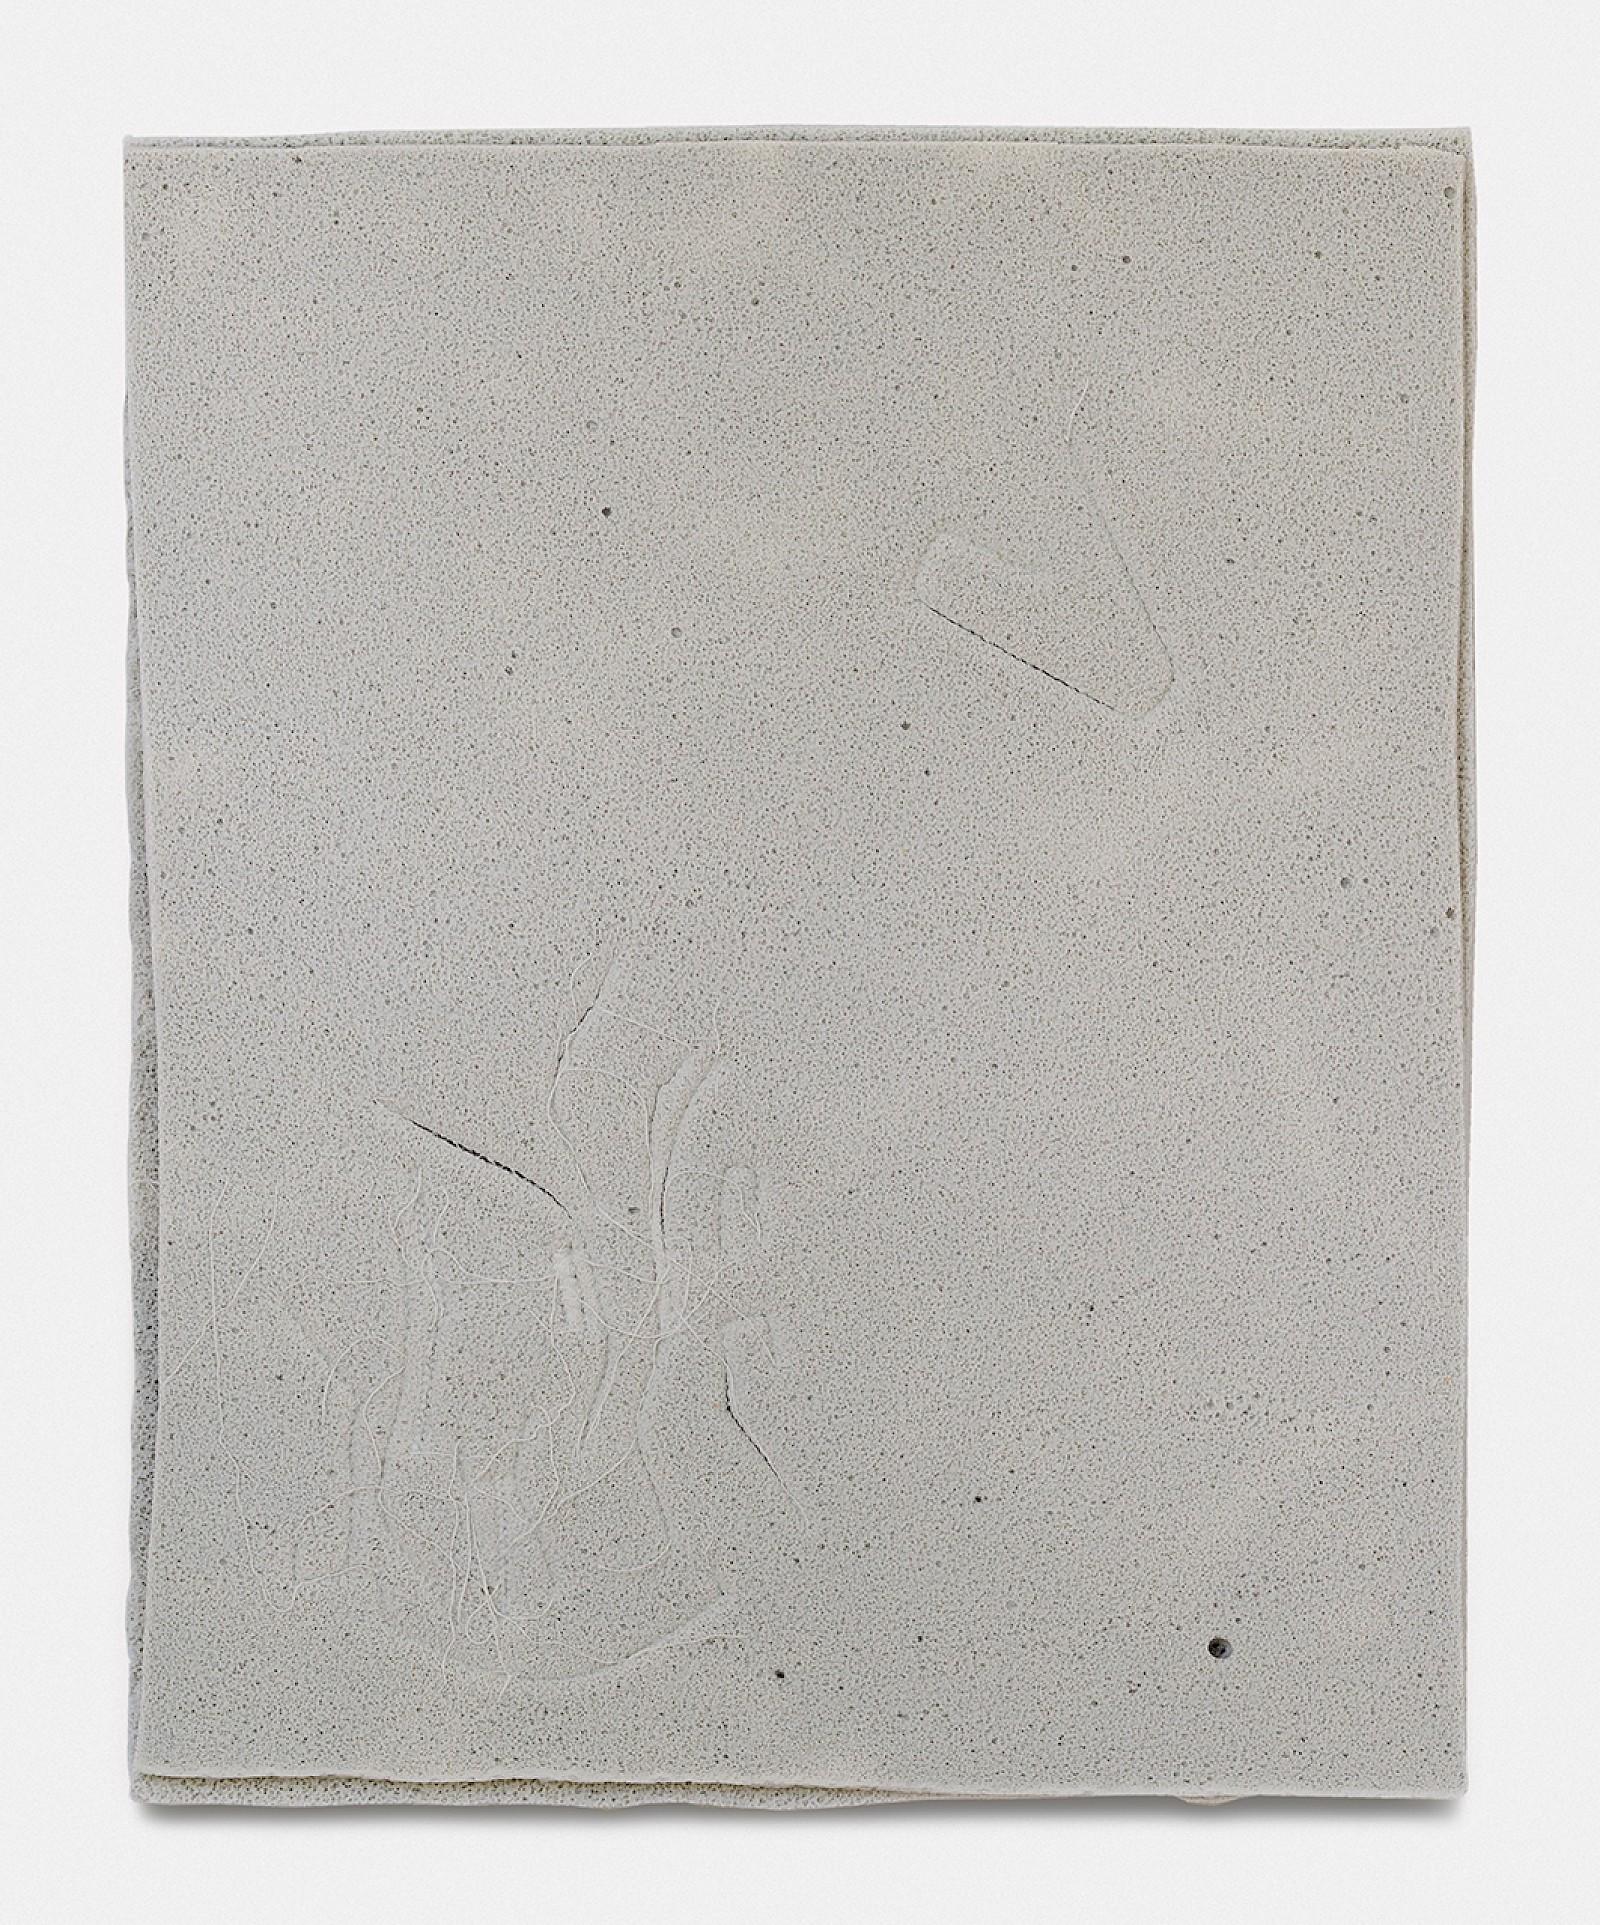 Image - Something clicked I, Porcelain, size: 21 x 26 x 1cm